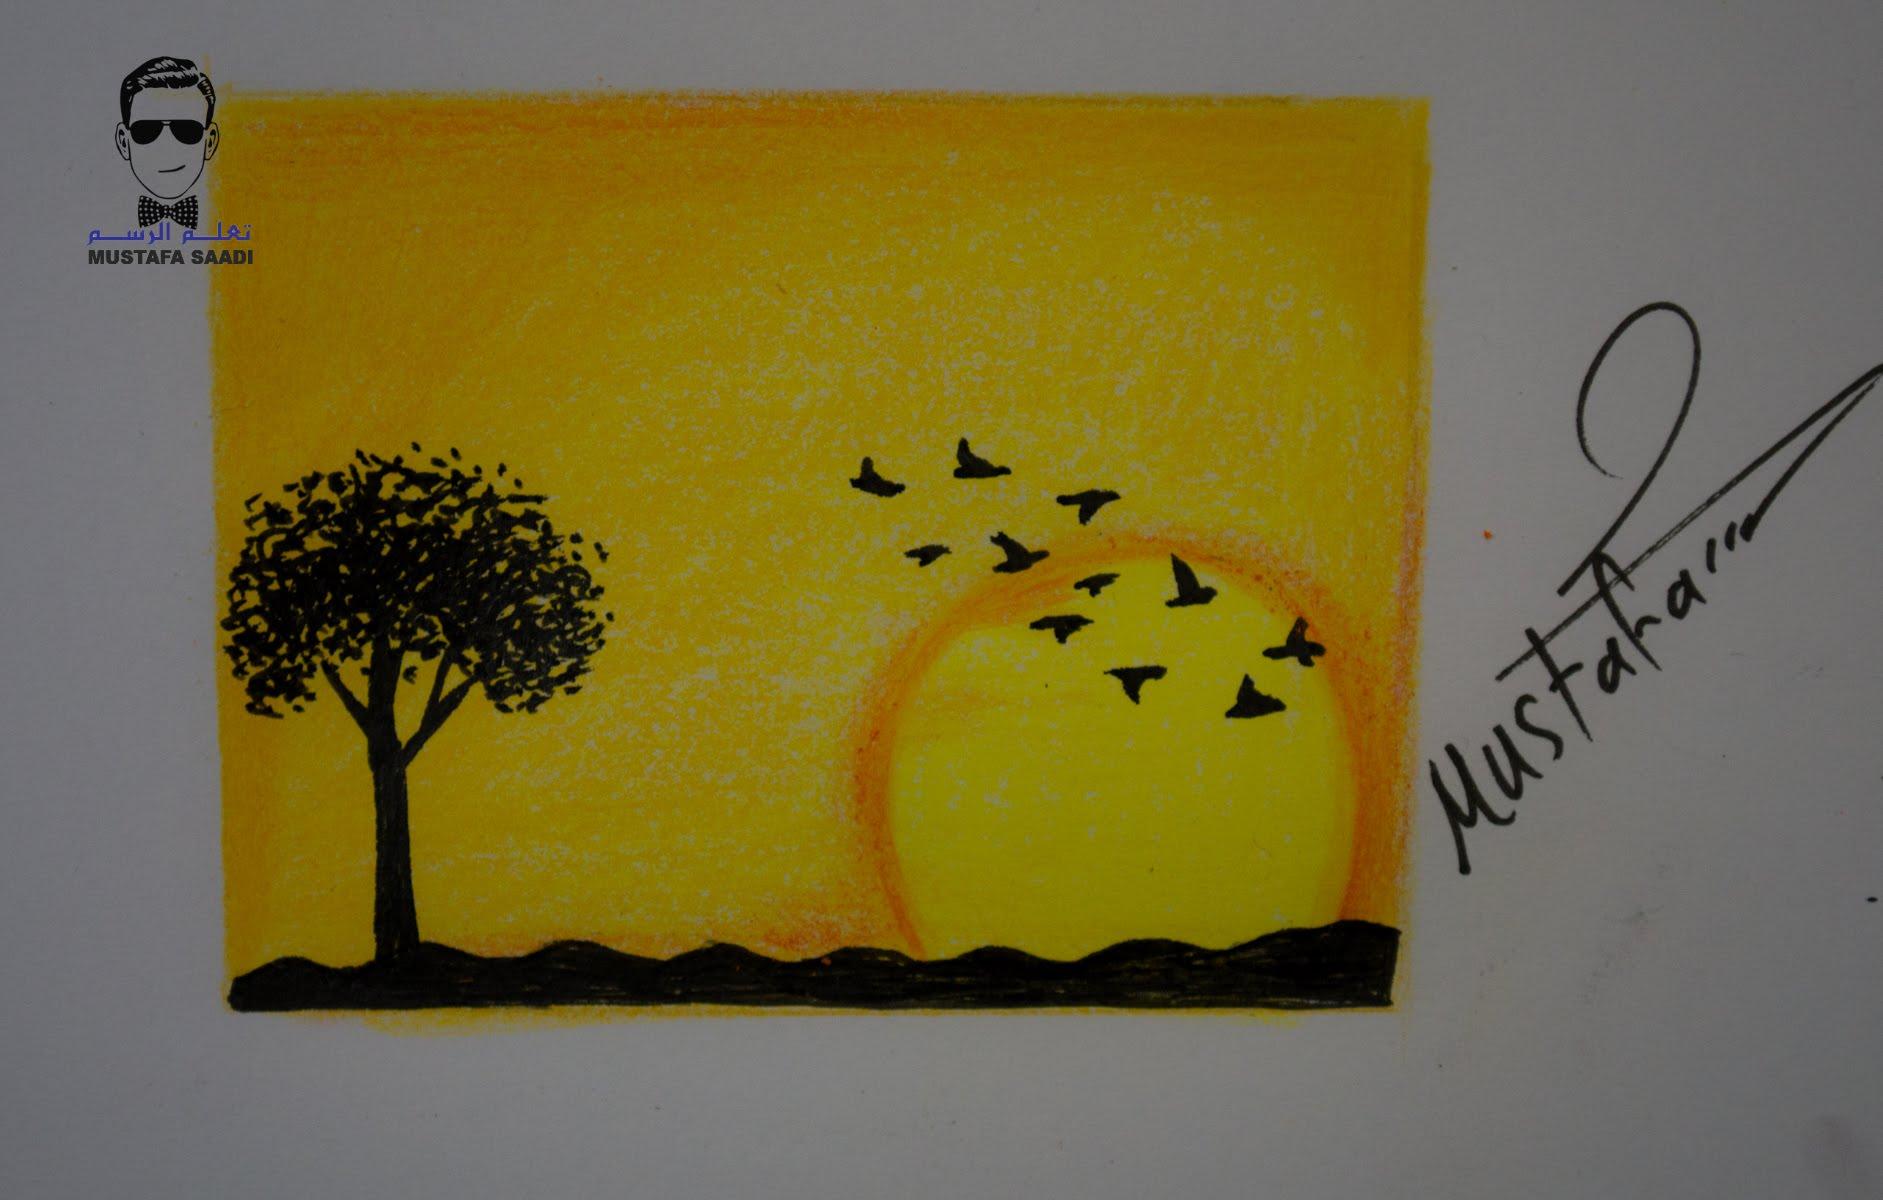 رسم منظر طبيعي سهل للاطفال بالخطوات علم طفلك رسم منظر طبيعي جميل